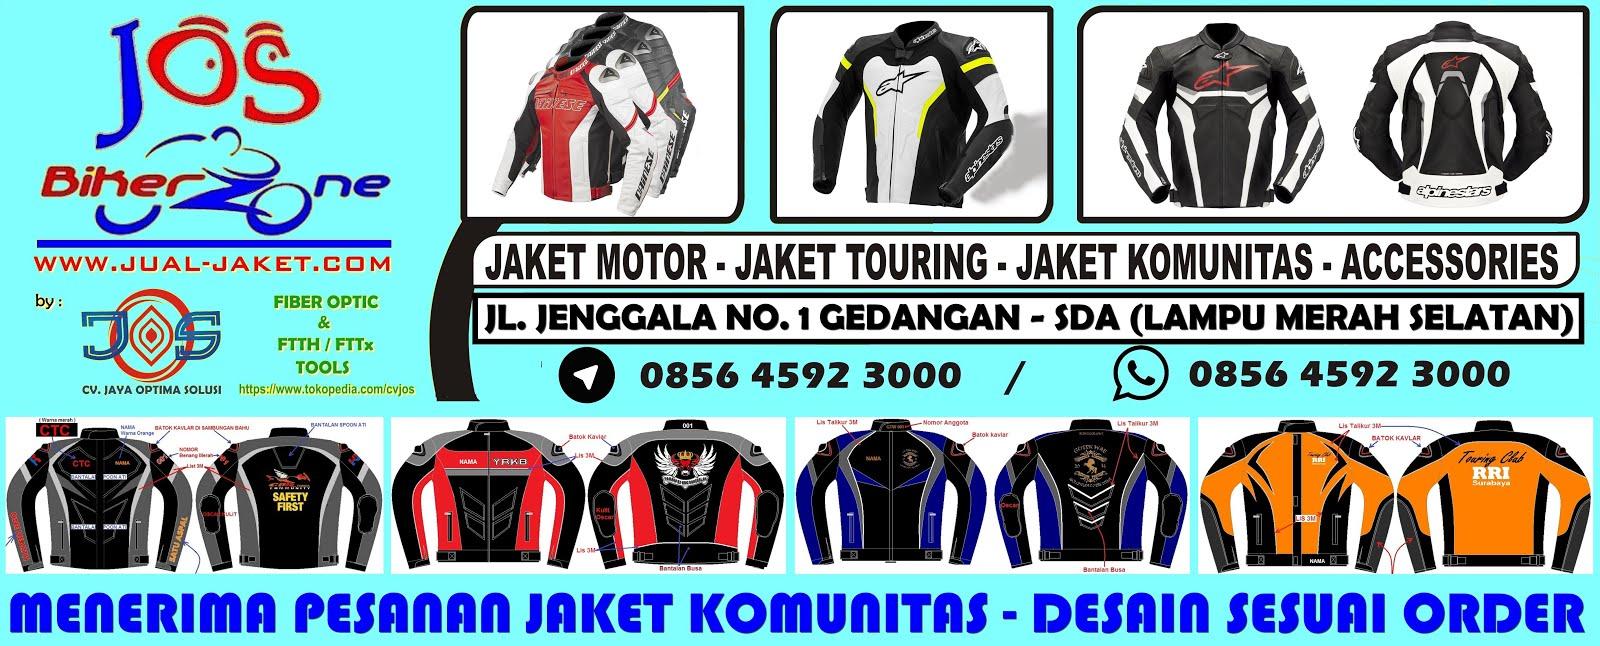 Jaket Online Shop (JOS) | Jual Jaket Murah Surabaya